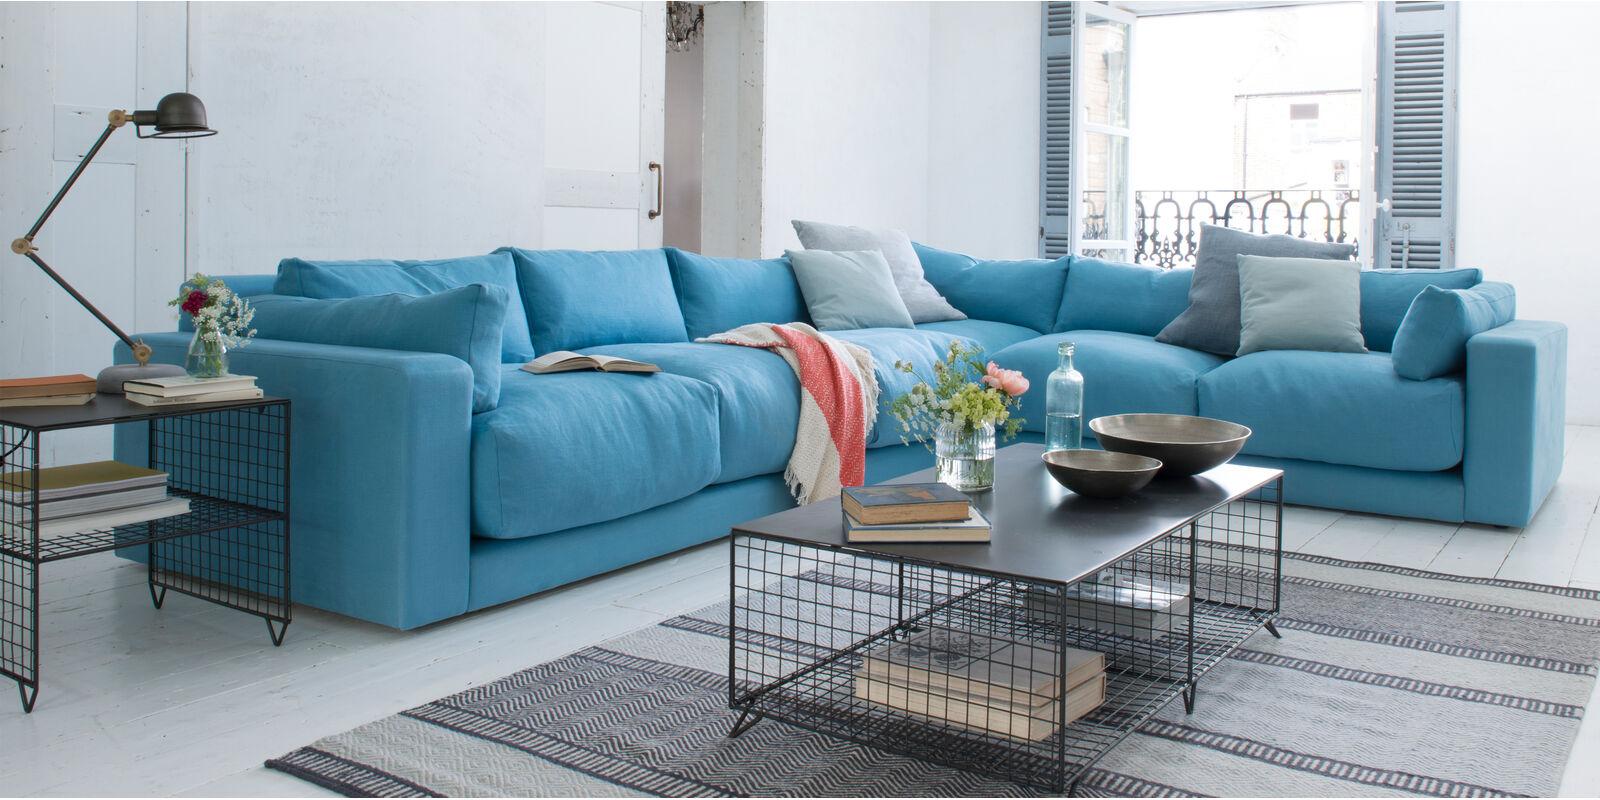 Atticus comfy British-made corner sofa